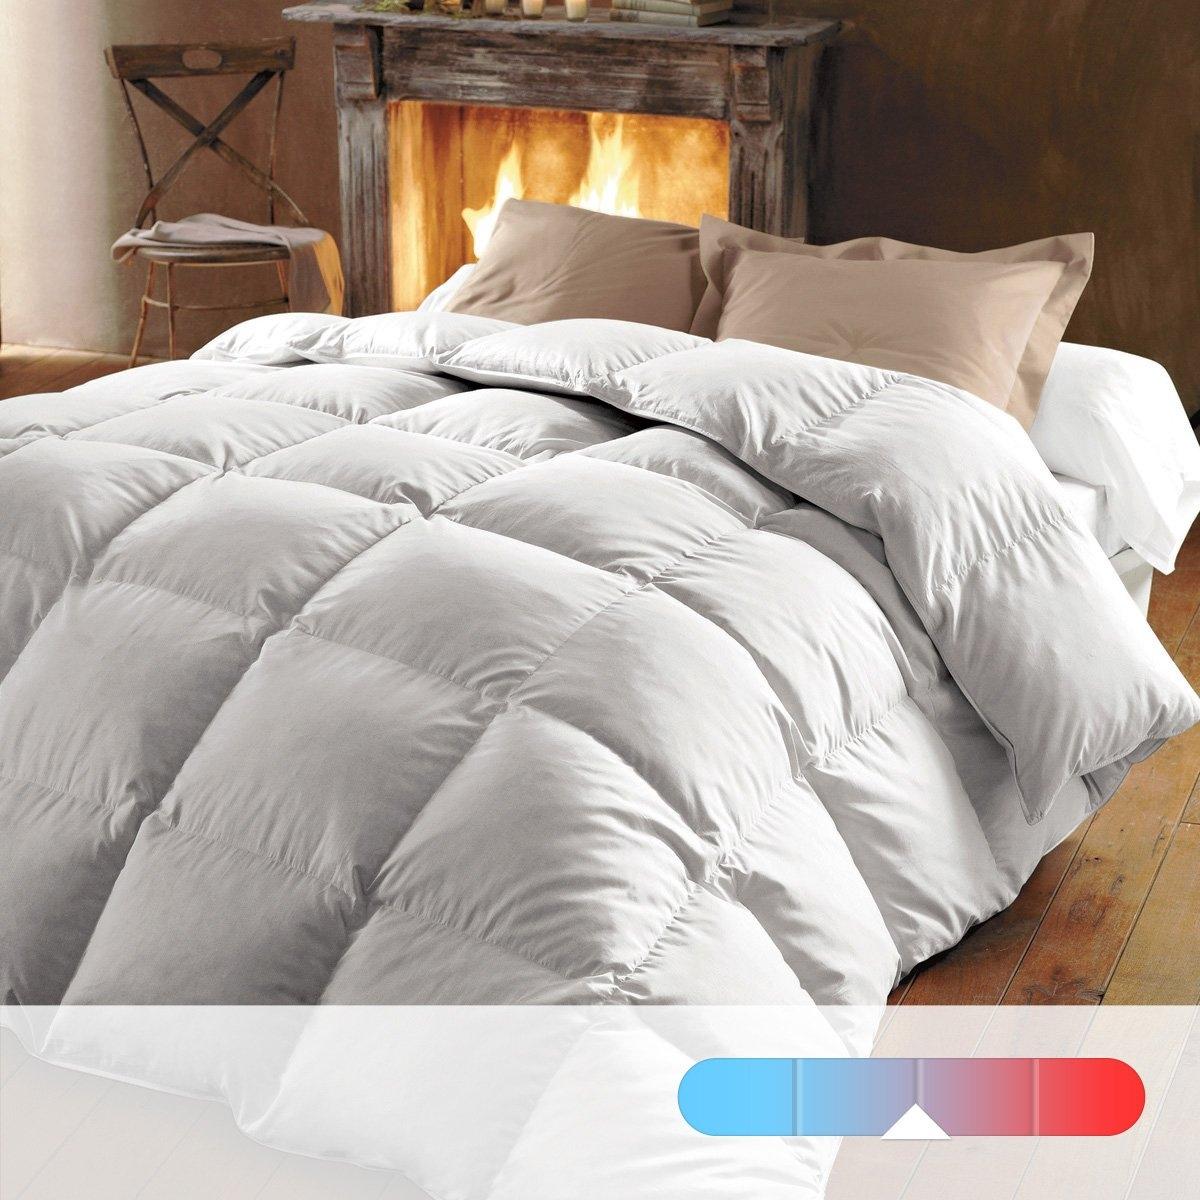 Одеяло 70% пуха 320 г/м2 с обработкой Proneem валик из латекса с обработкой proneem